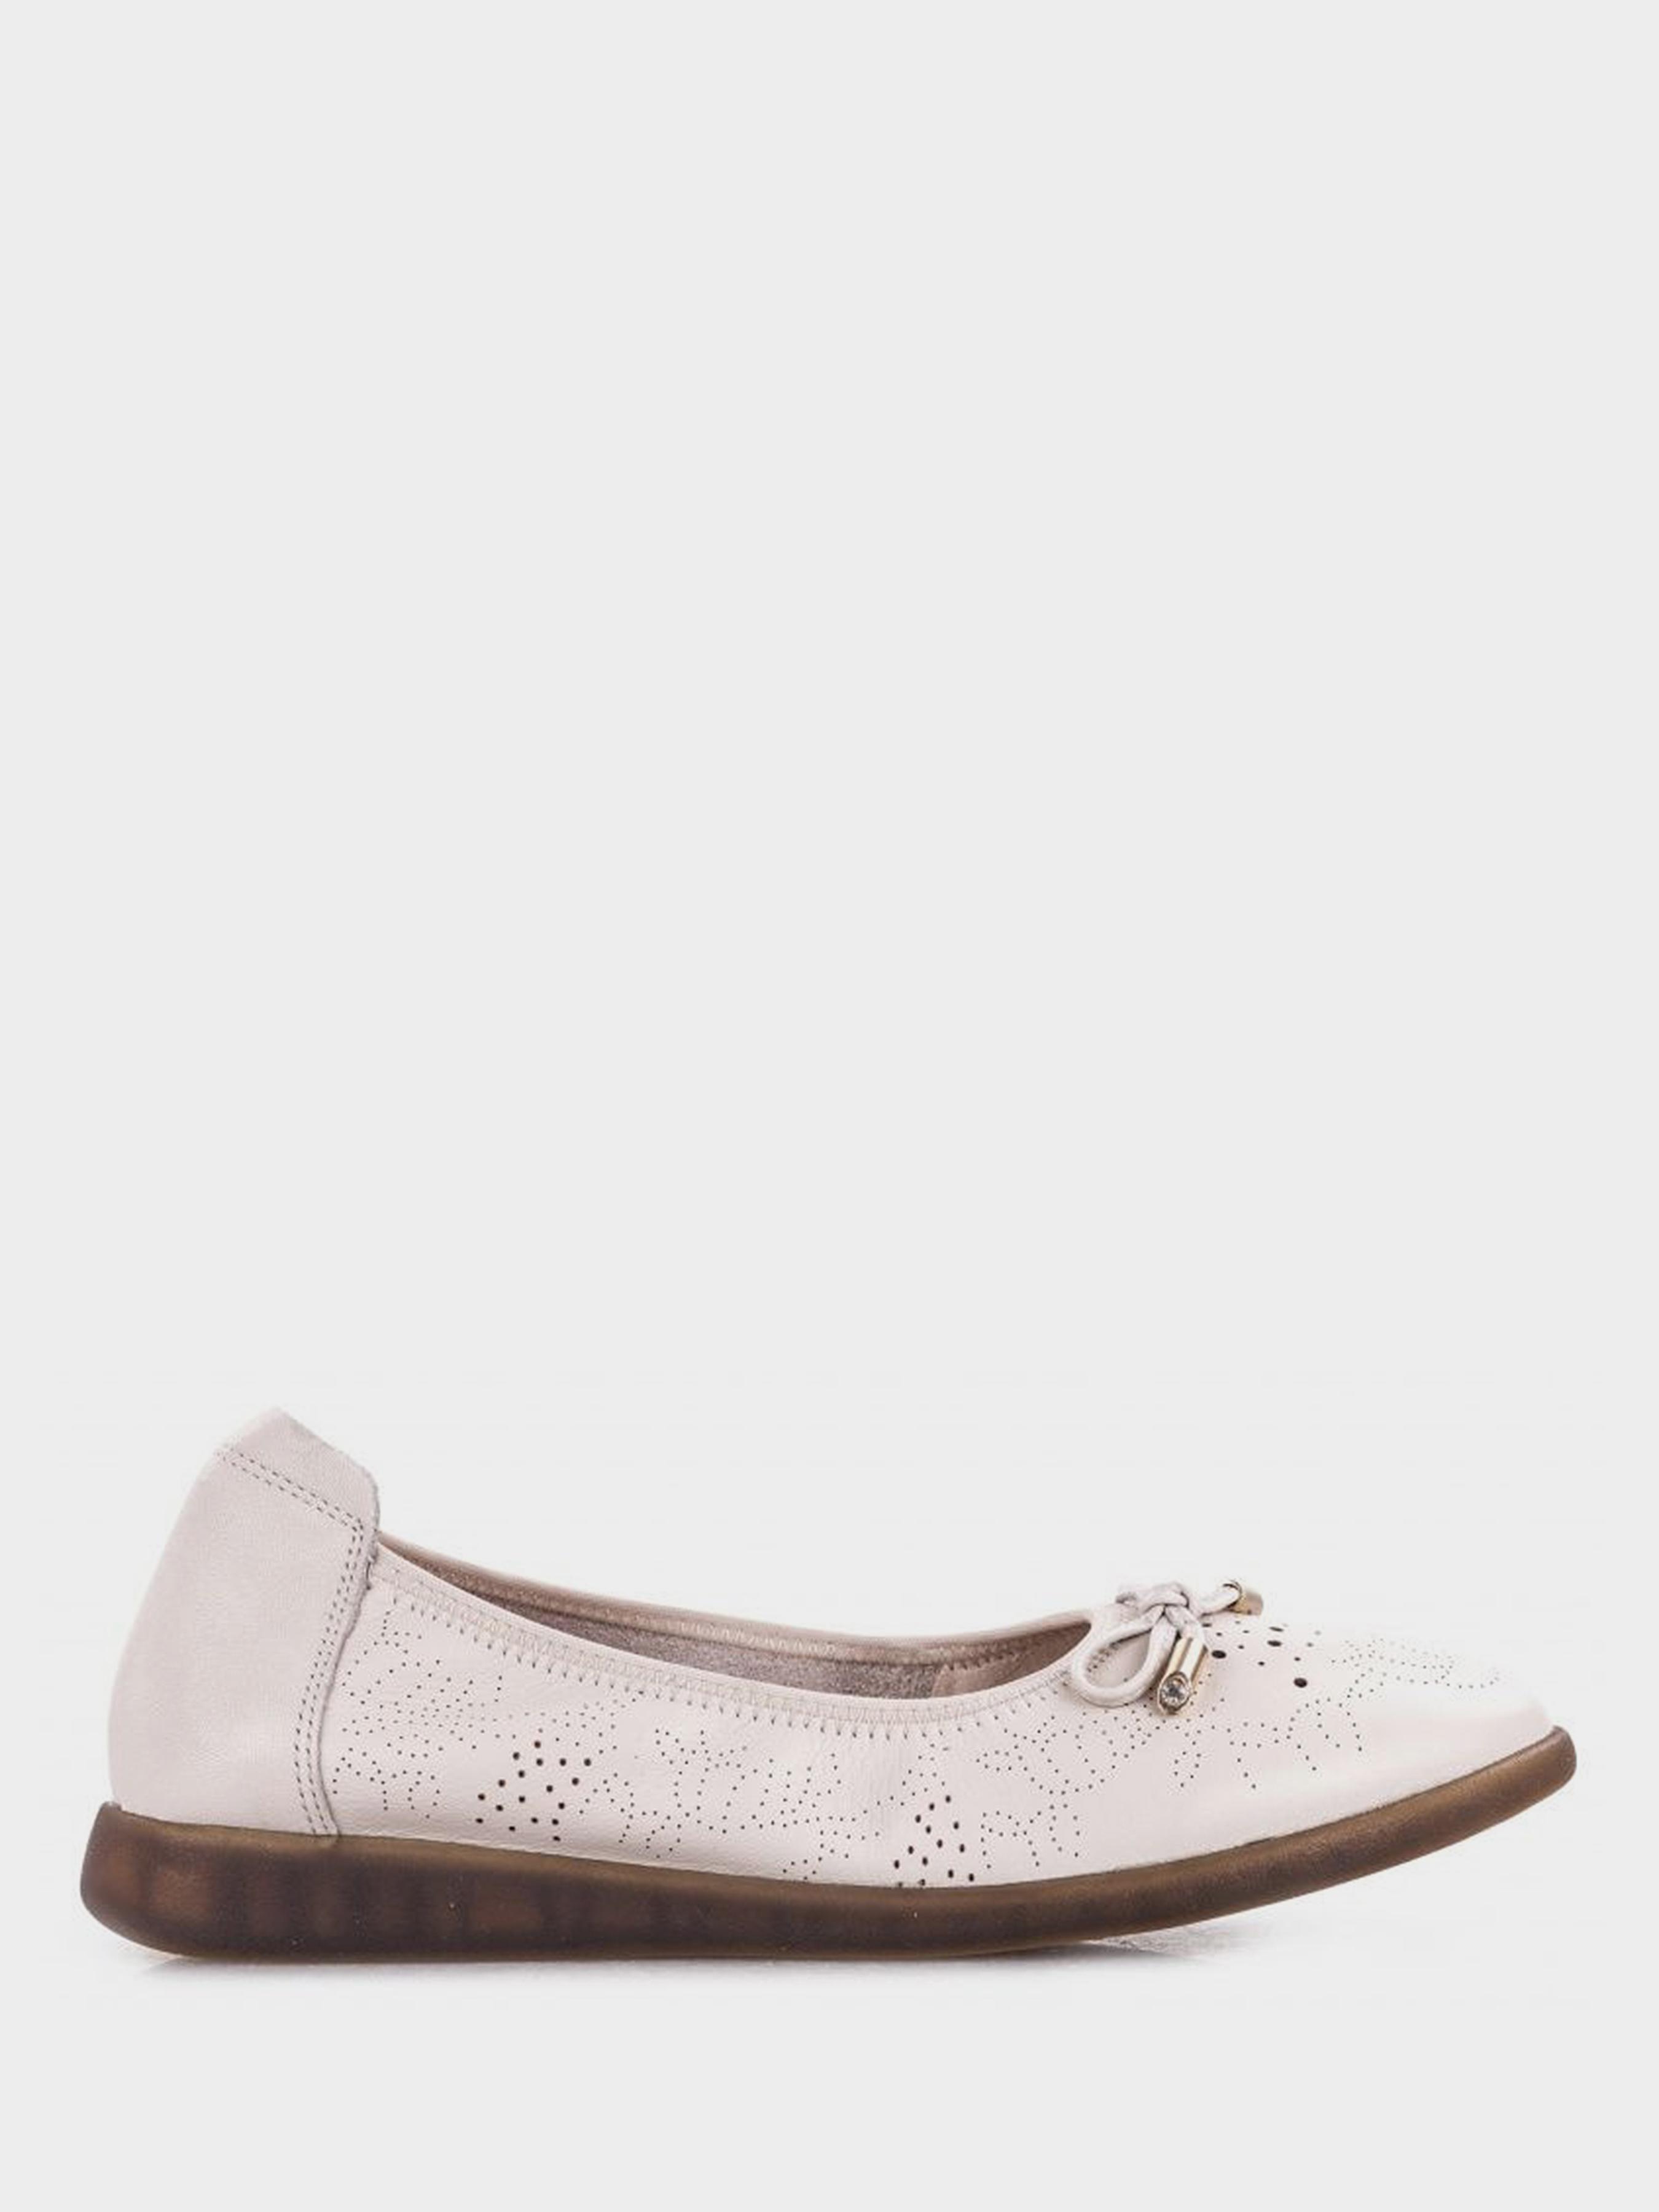 Туфли для женщин Gunter GR177 брендовые, 2017